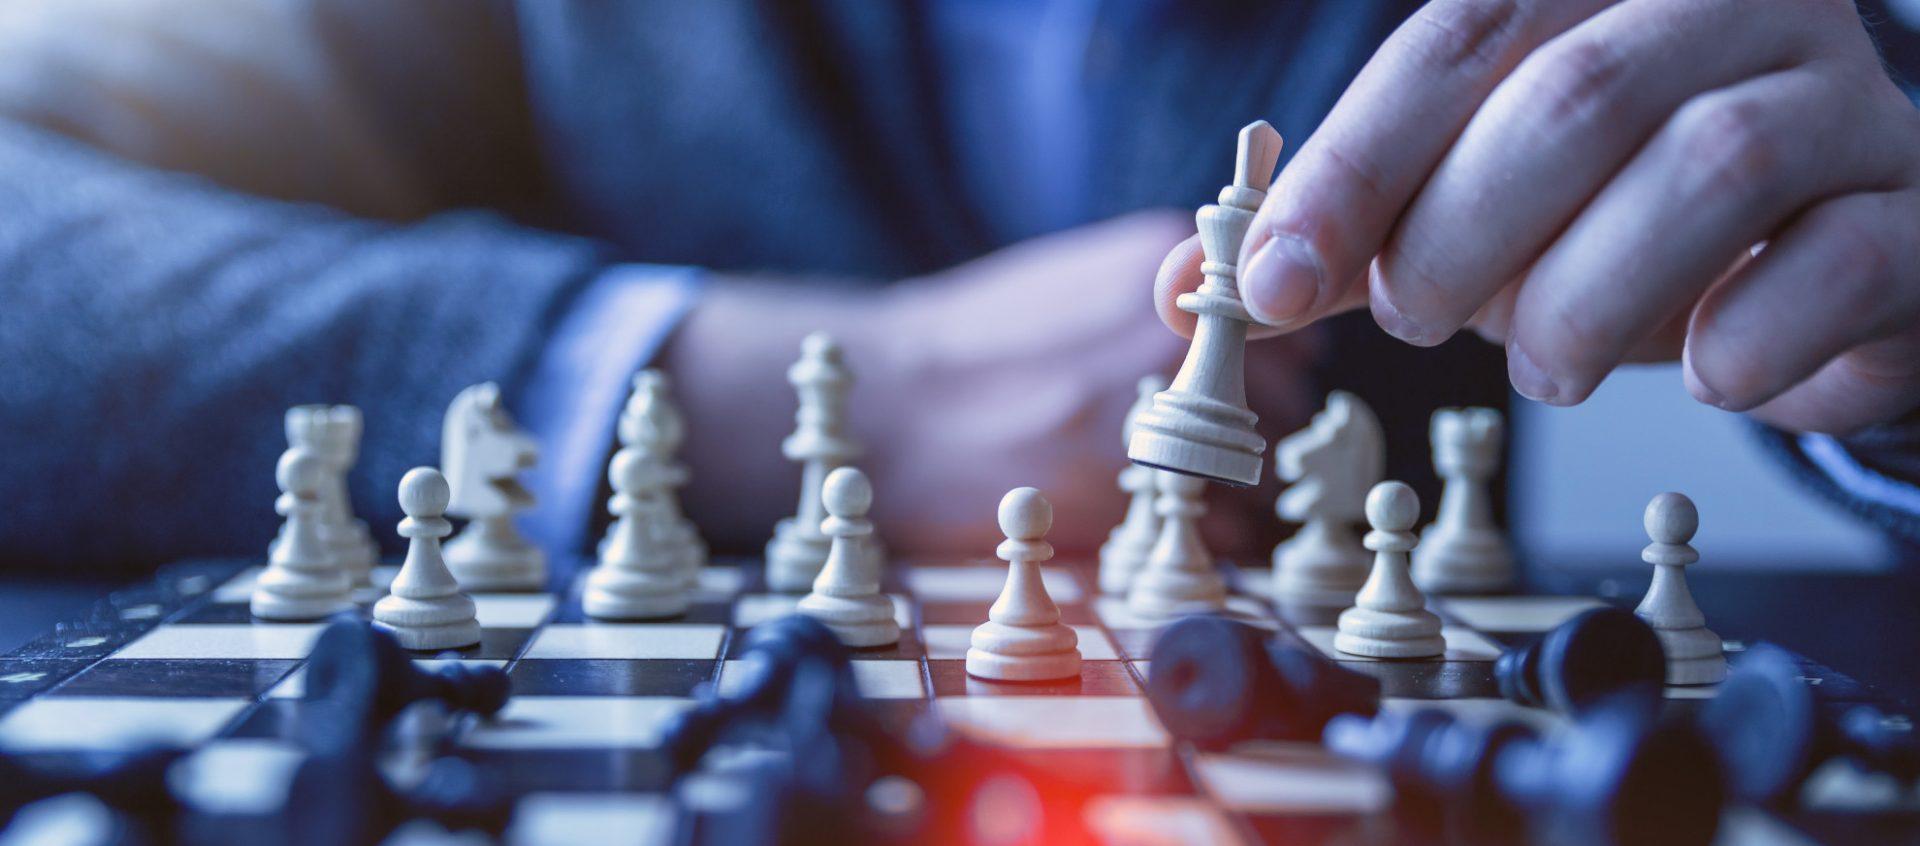 Ophiliam Groupe Stratégie et gouvernance